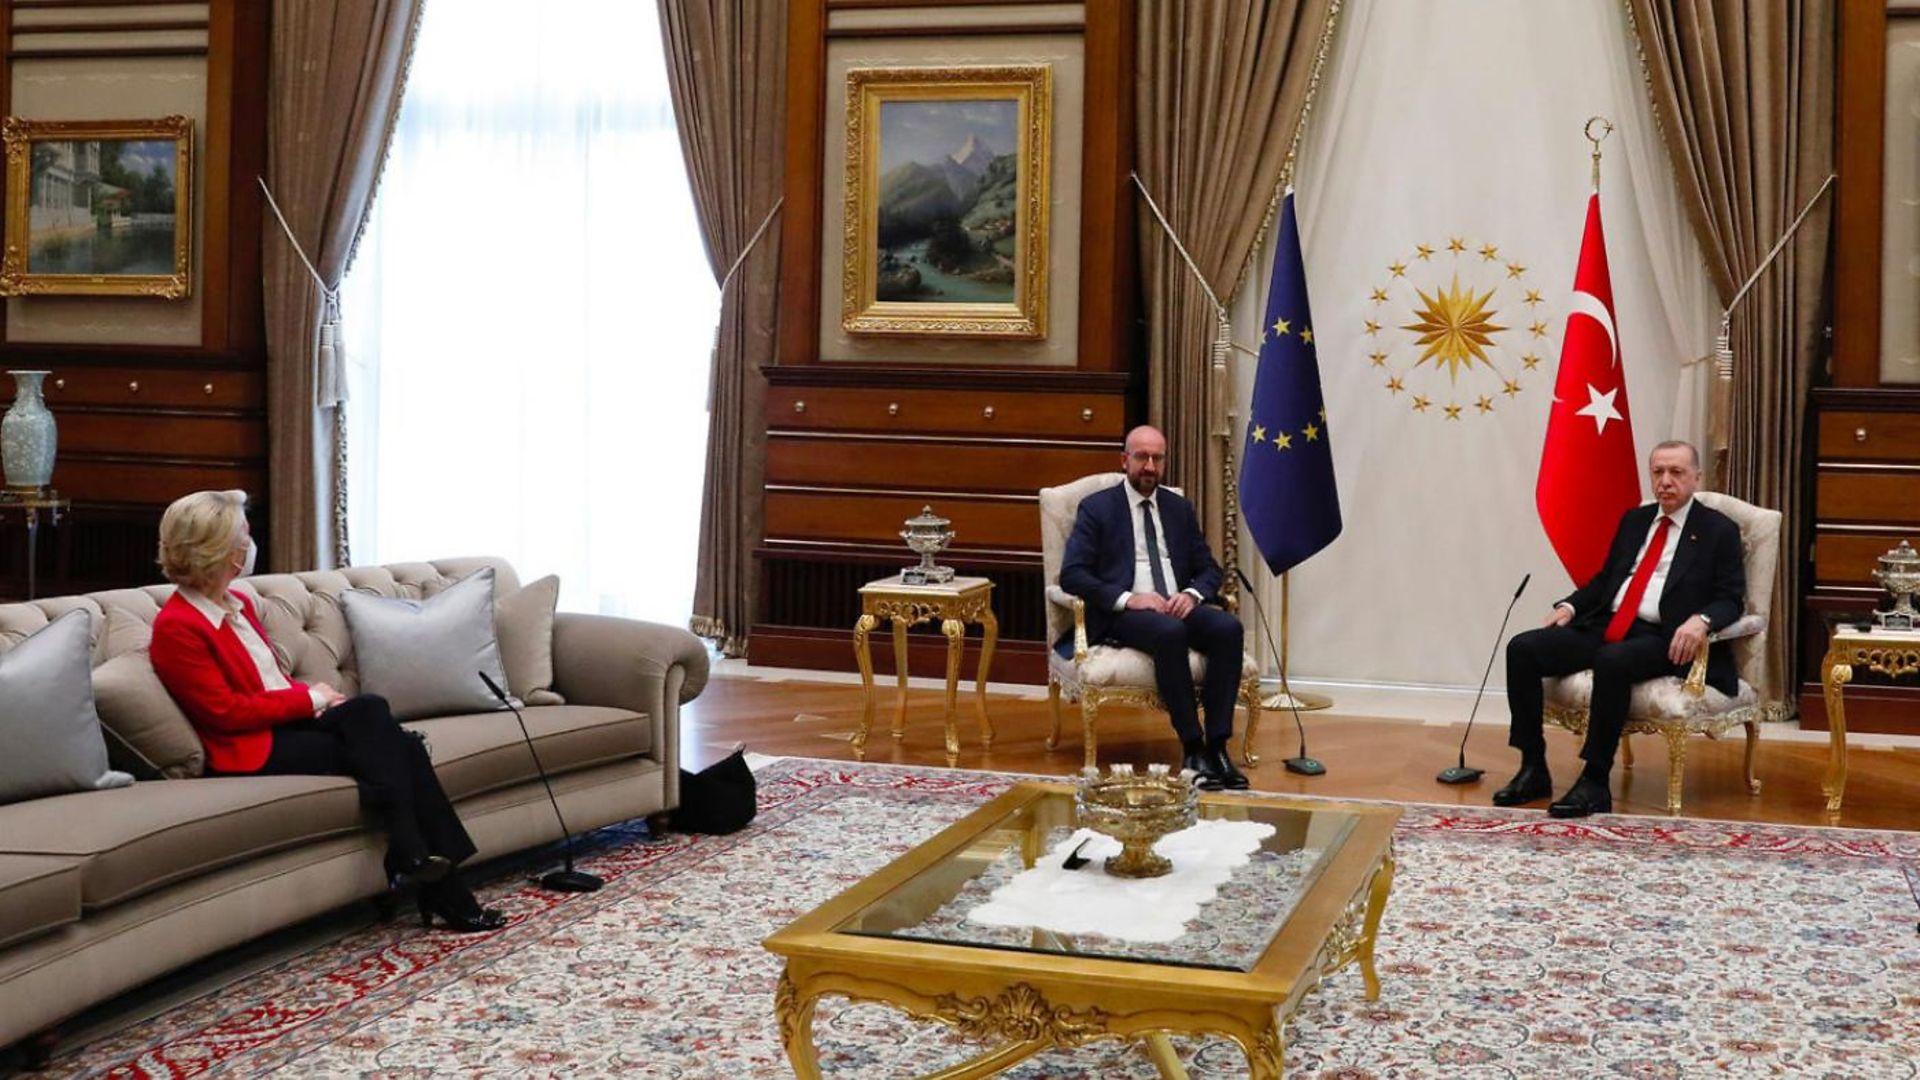 European Commission president Ursula von der Leyen with European Council president Charles Michel and Turkish president Recep Tayyip Erdogan - Credit: European Union